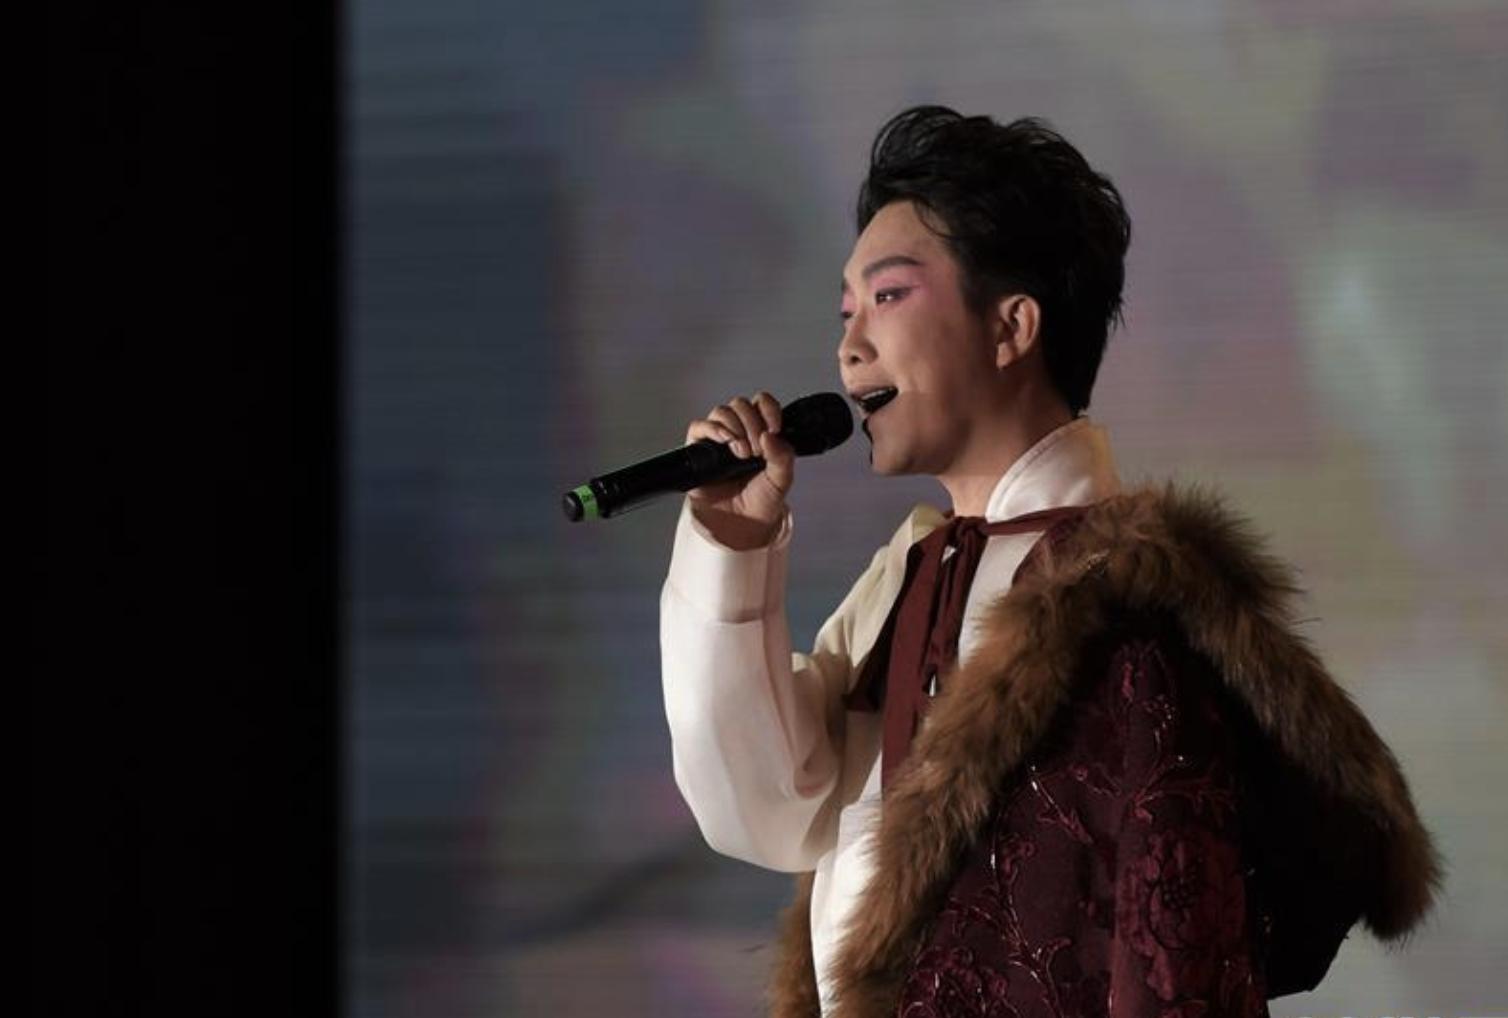 李玉刚诗意歌舞剧《昭君出塞》世界巡演启动盛典北京举行